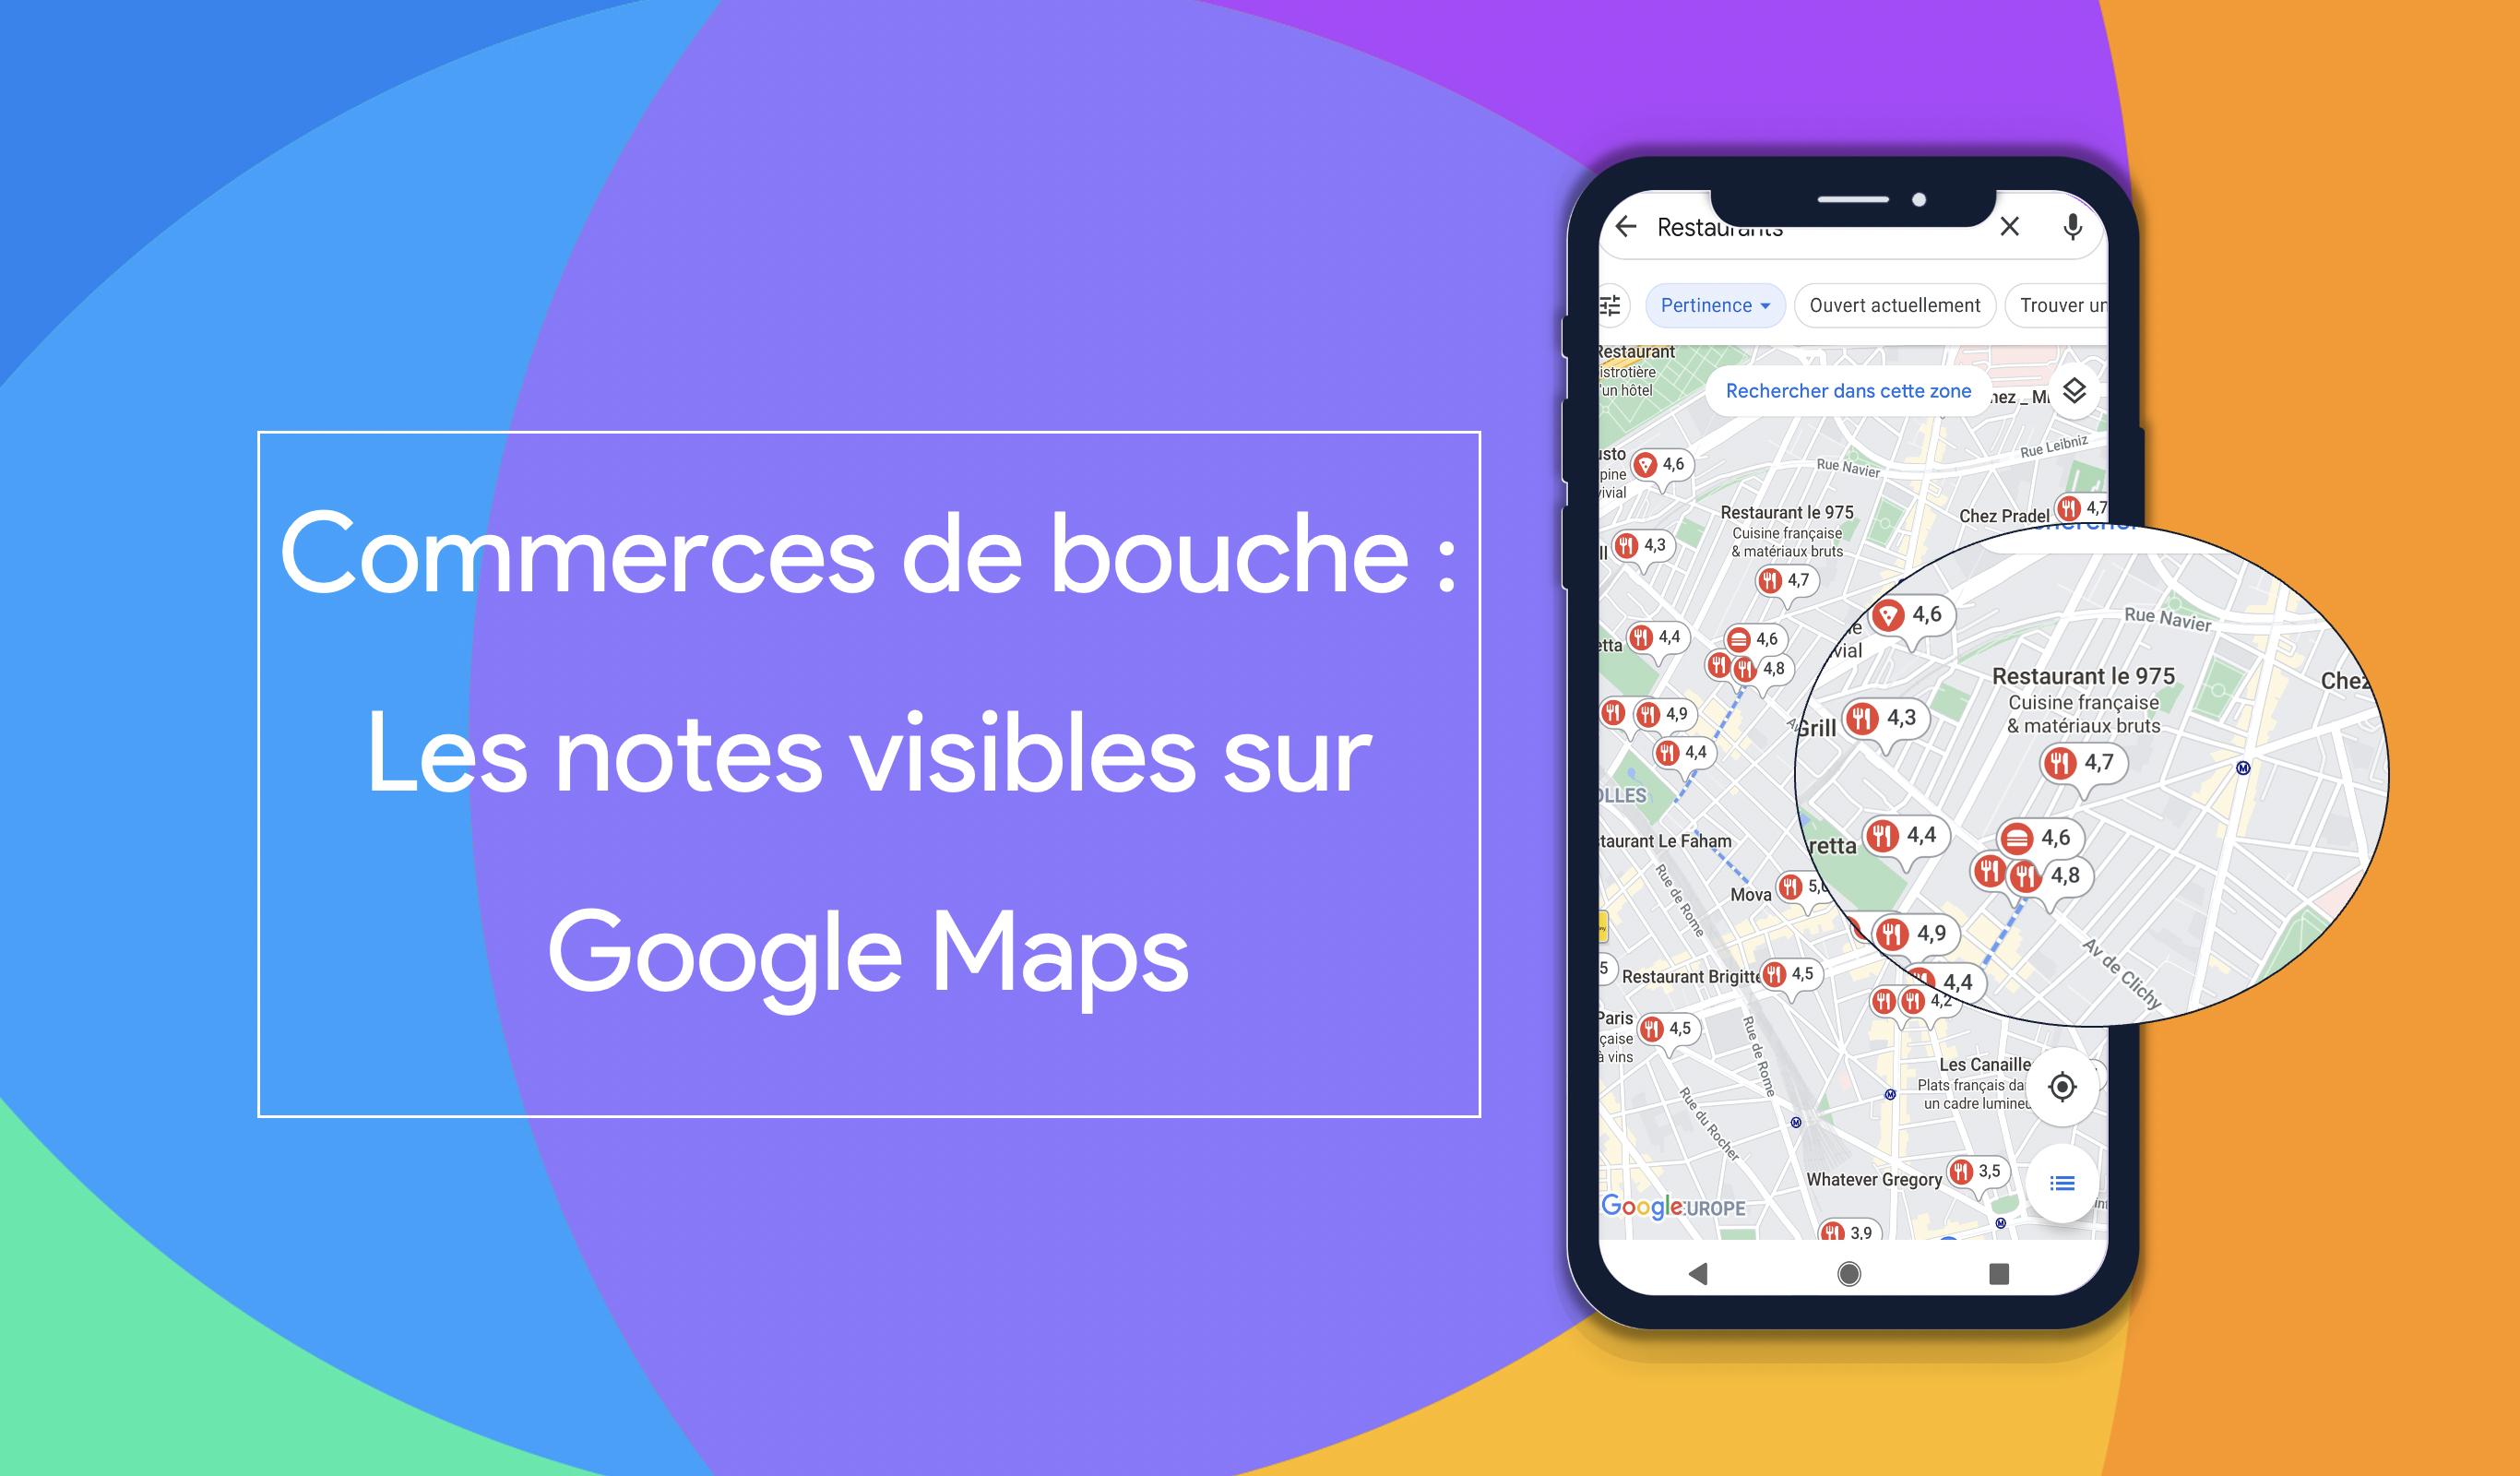 Google Maps affiche les notes du secteur des commerces de bouche